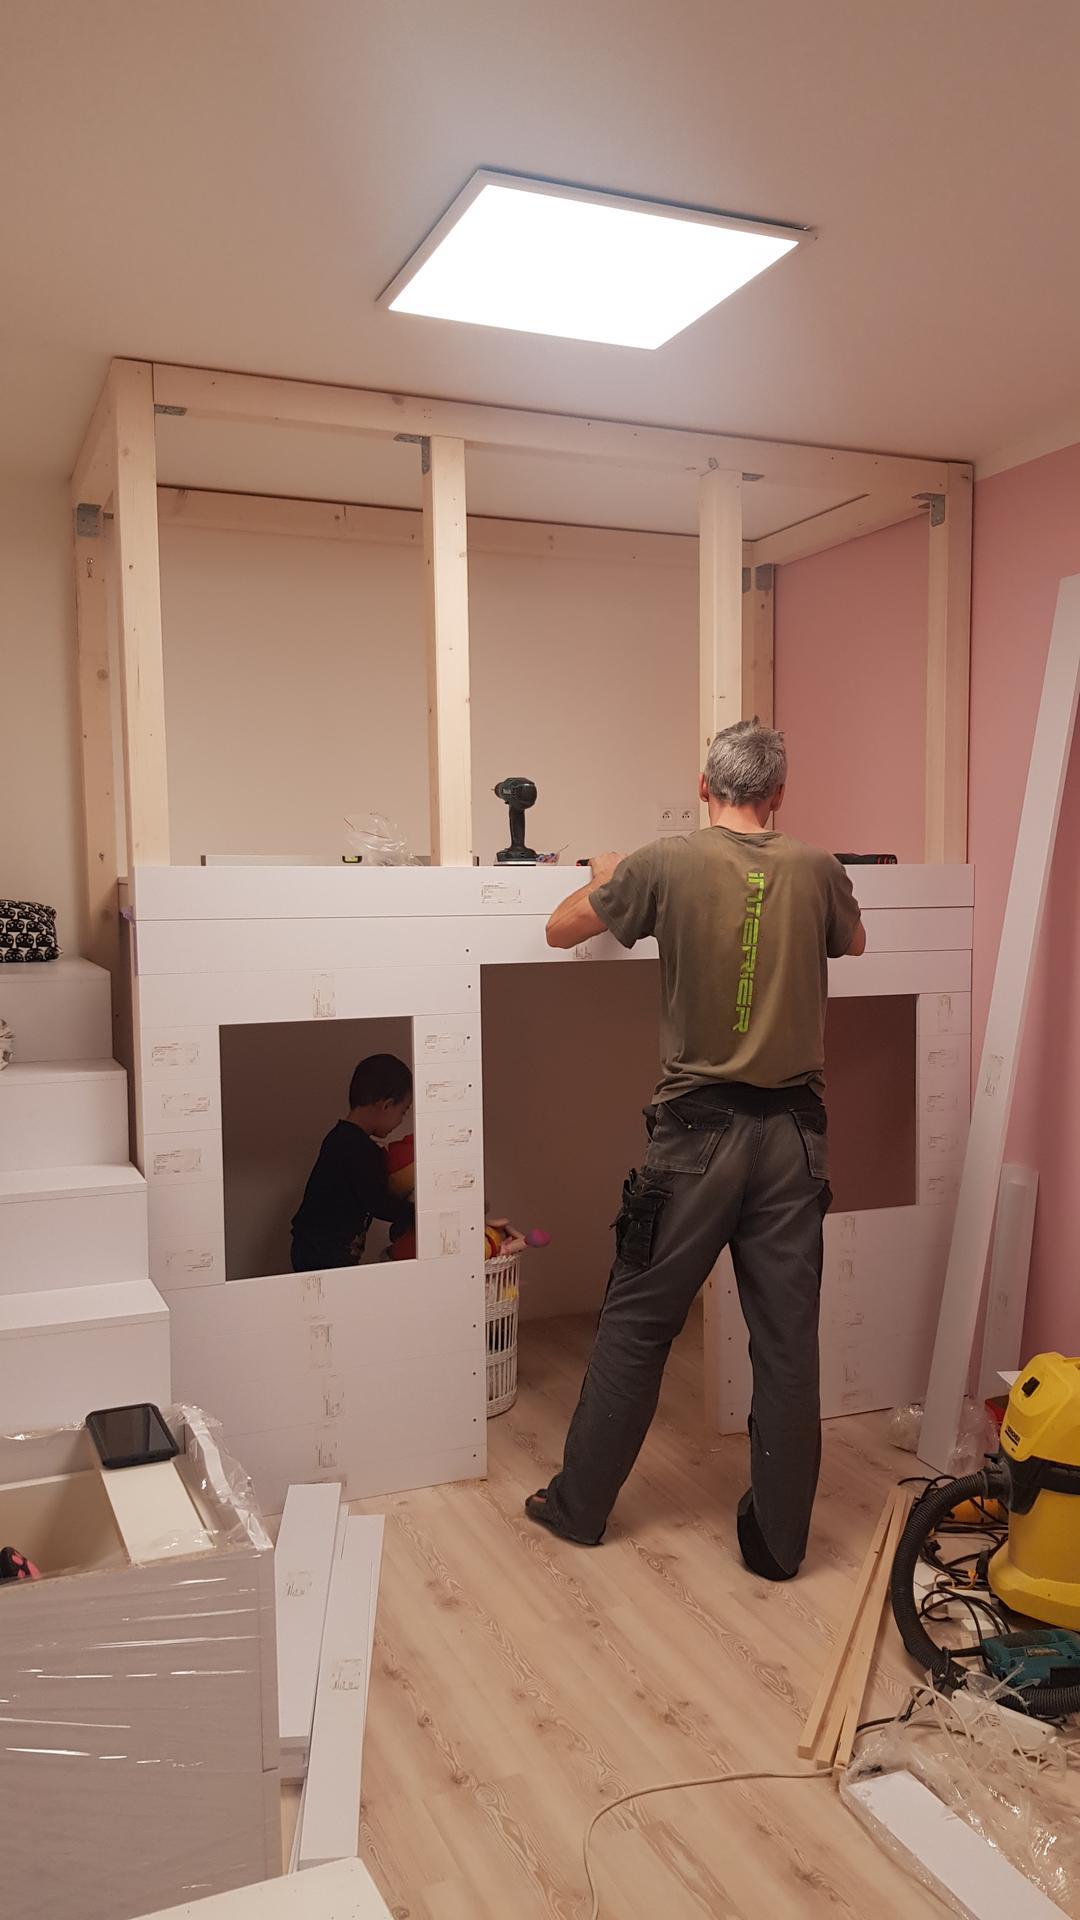 Naša rekonštrukcia - domček sa rysuje